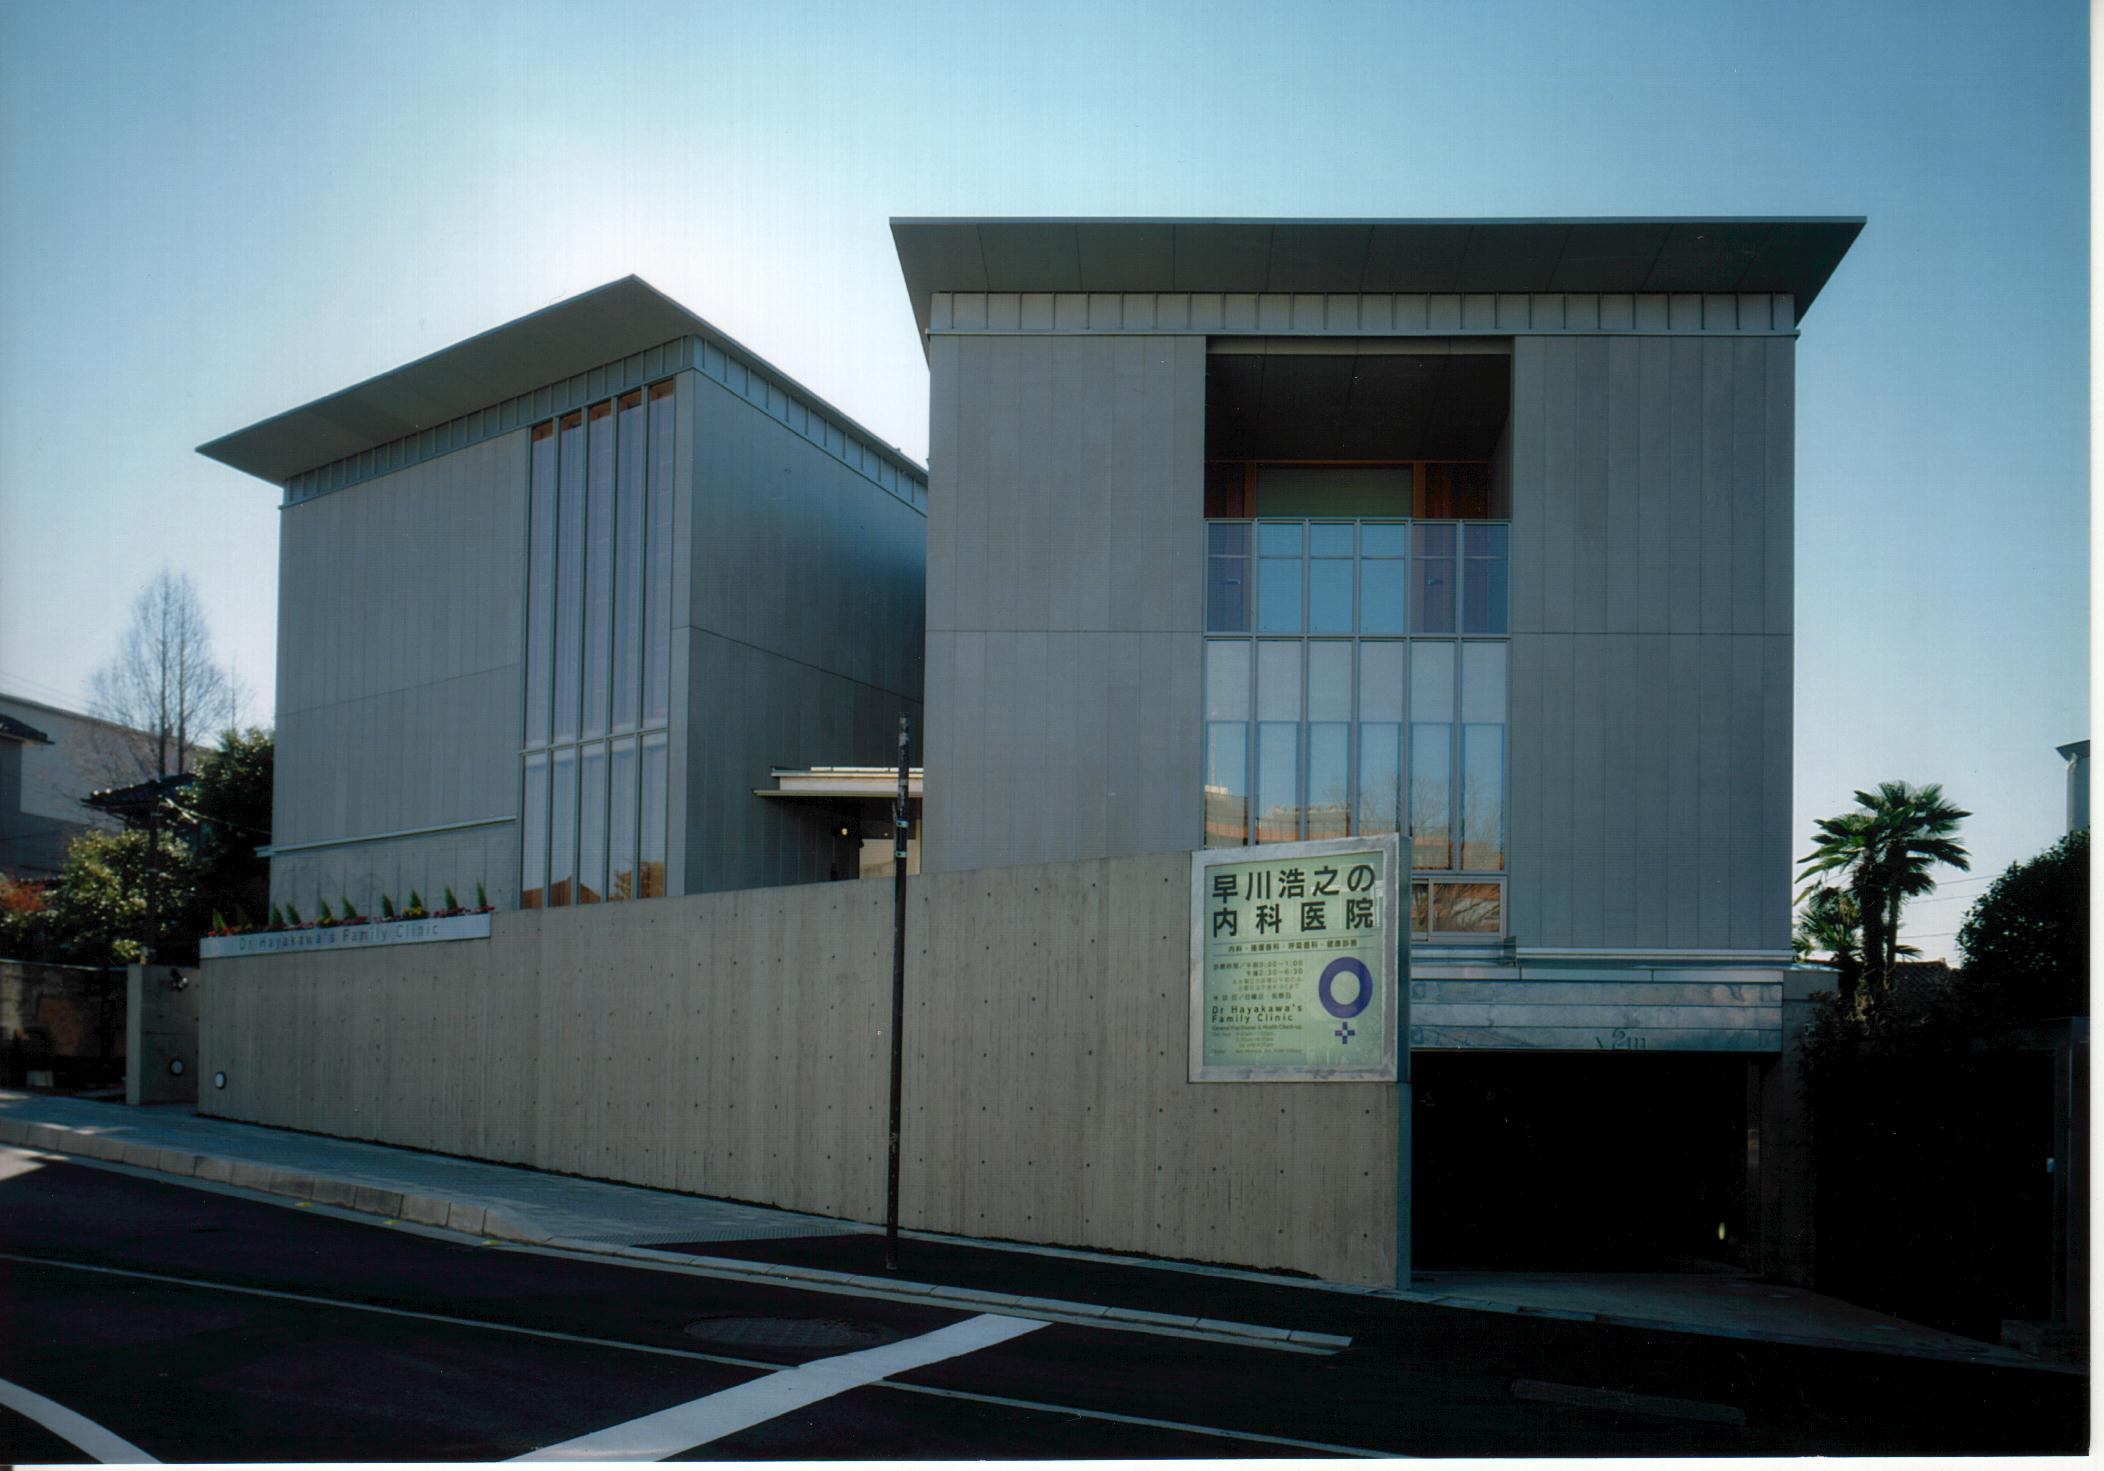 早川浩之の内科医院